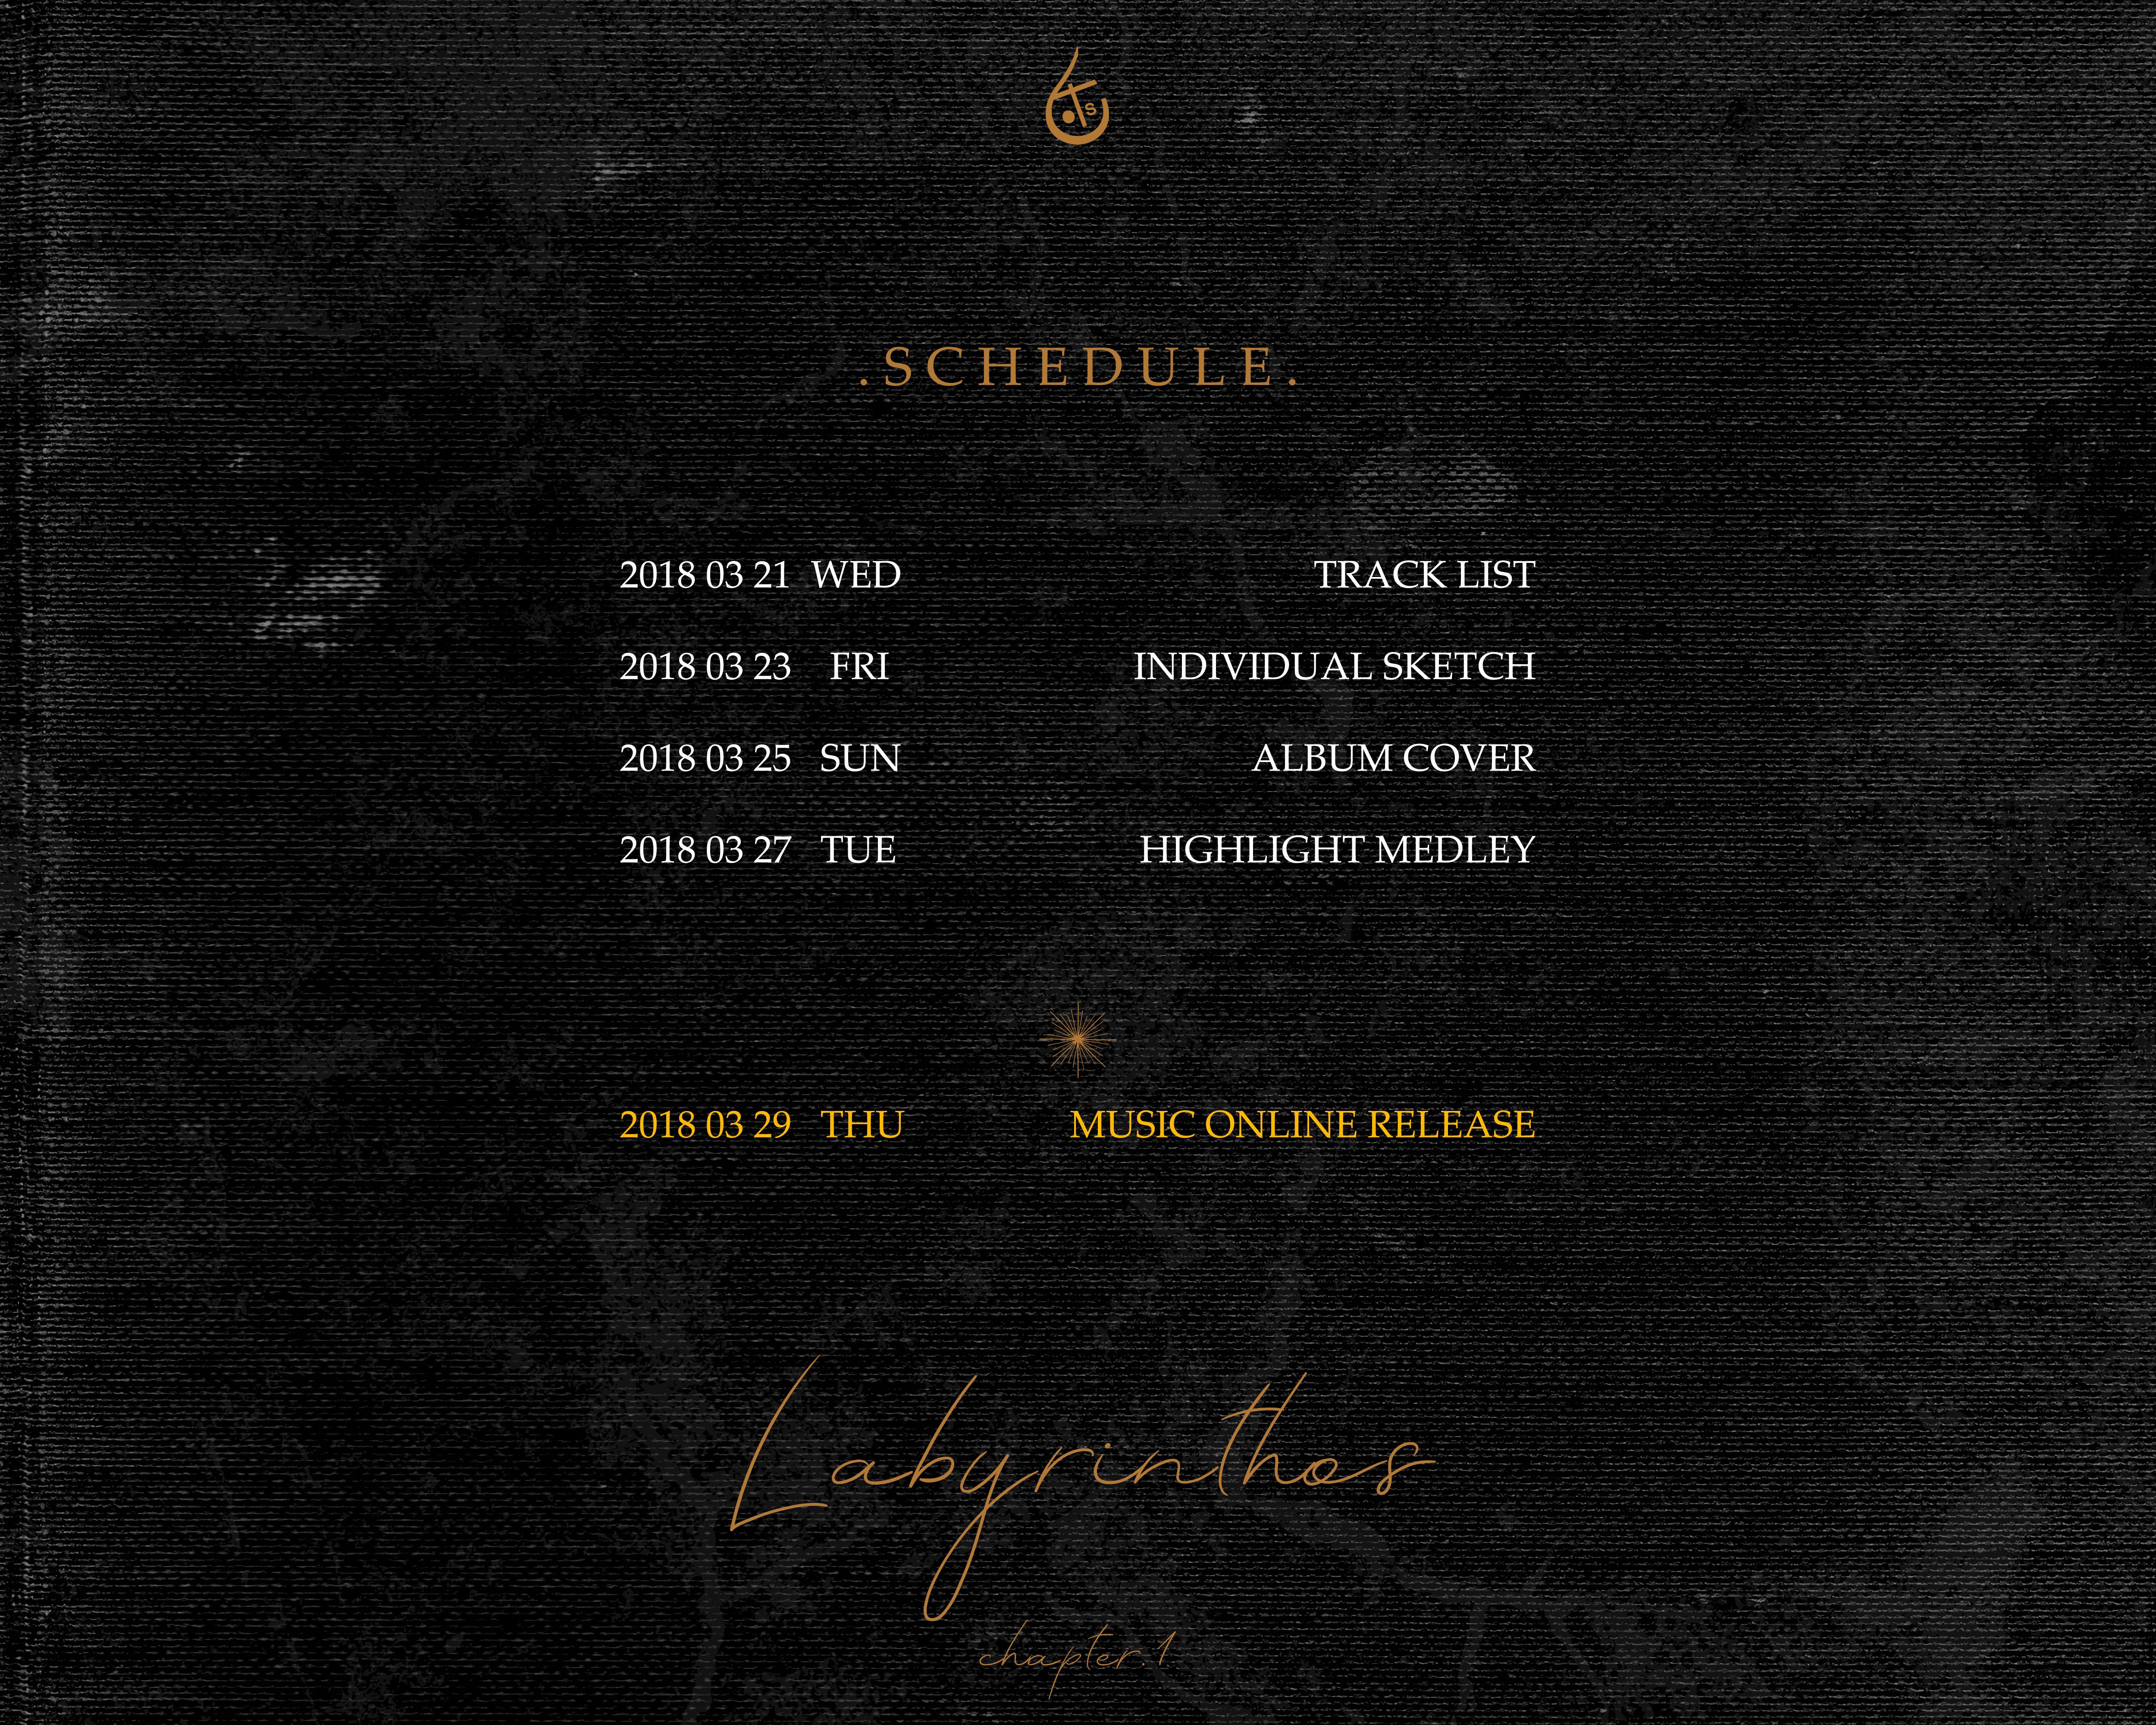 29일(목), LotUs (랏어스) 미니 앨범 5집 [5thDrawing'Labyrinthos:chapter.1'] 발매 예정 | 인스티즈